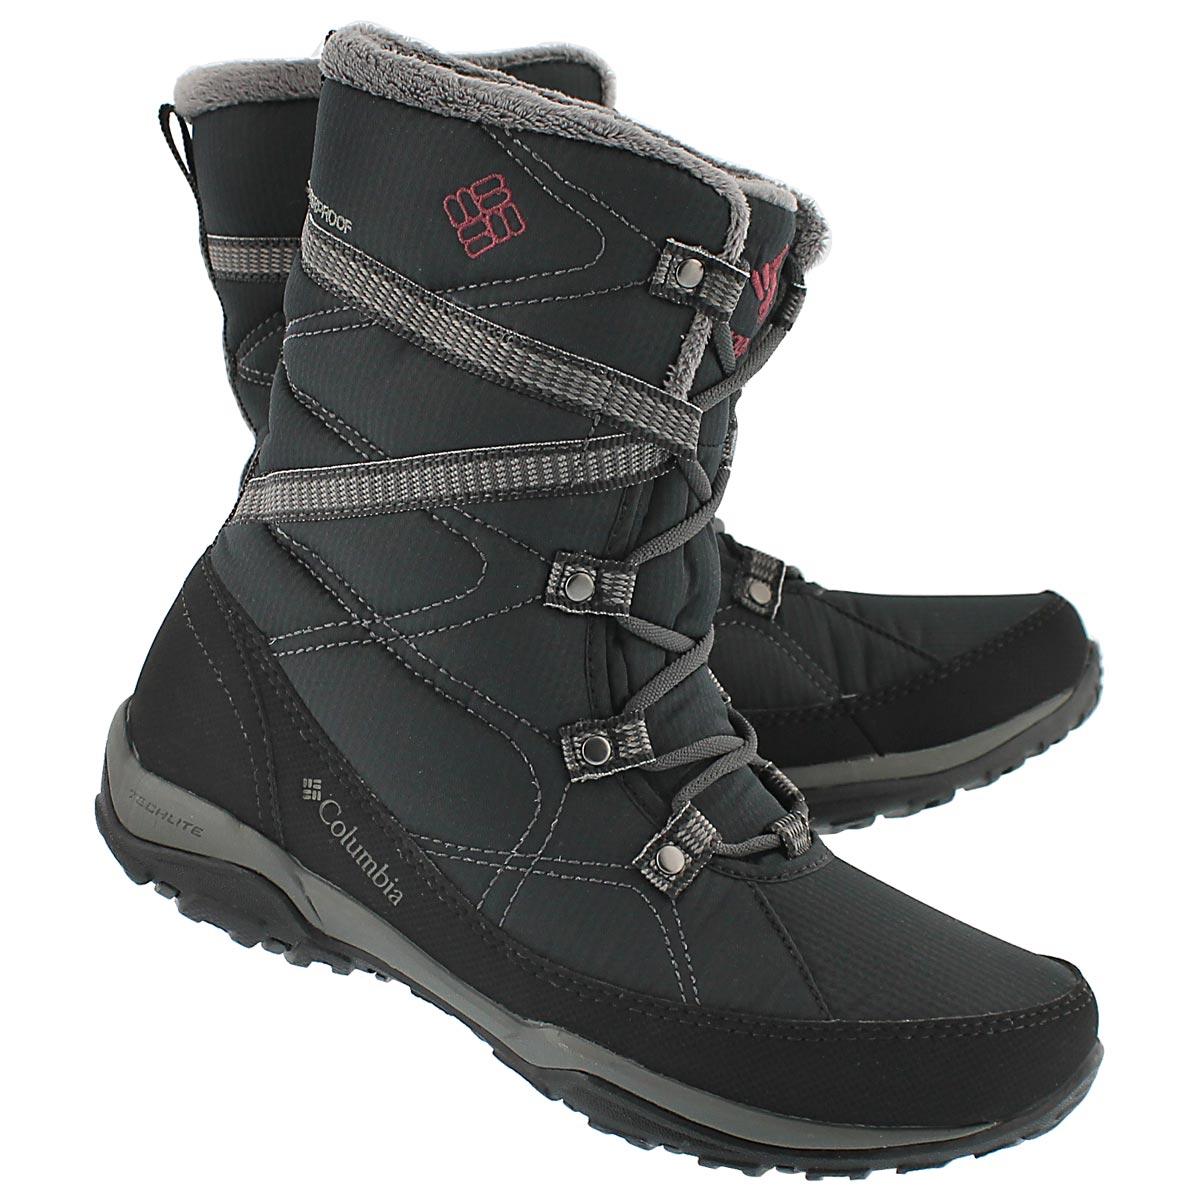 Lds Minx Fire Tall blk winter boot